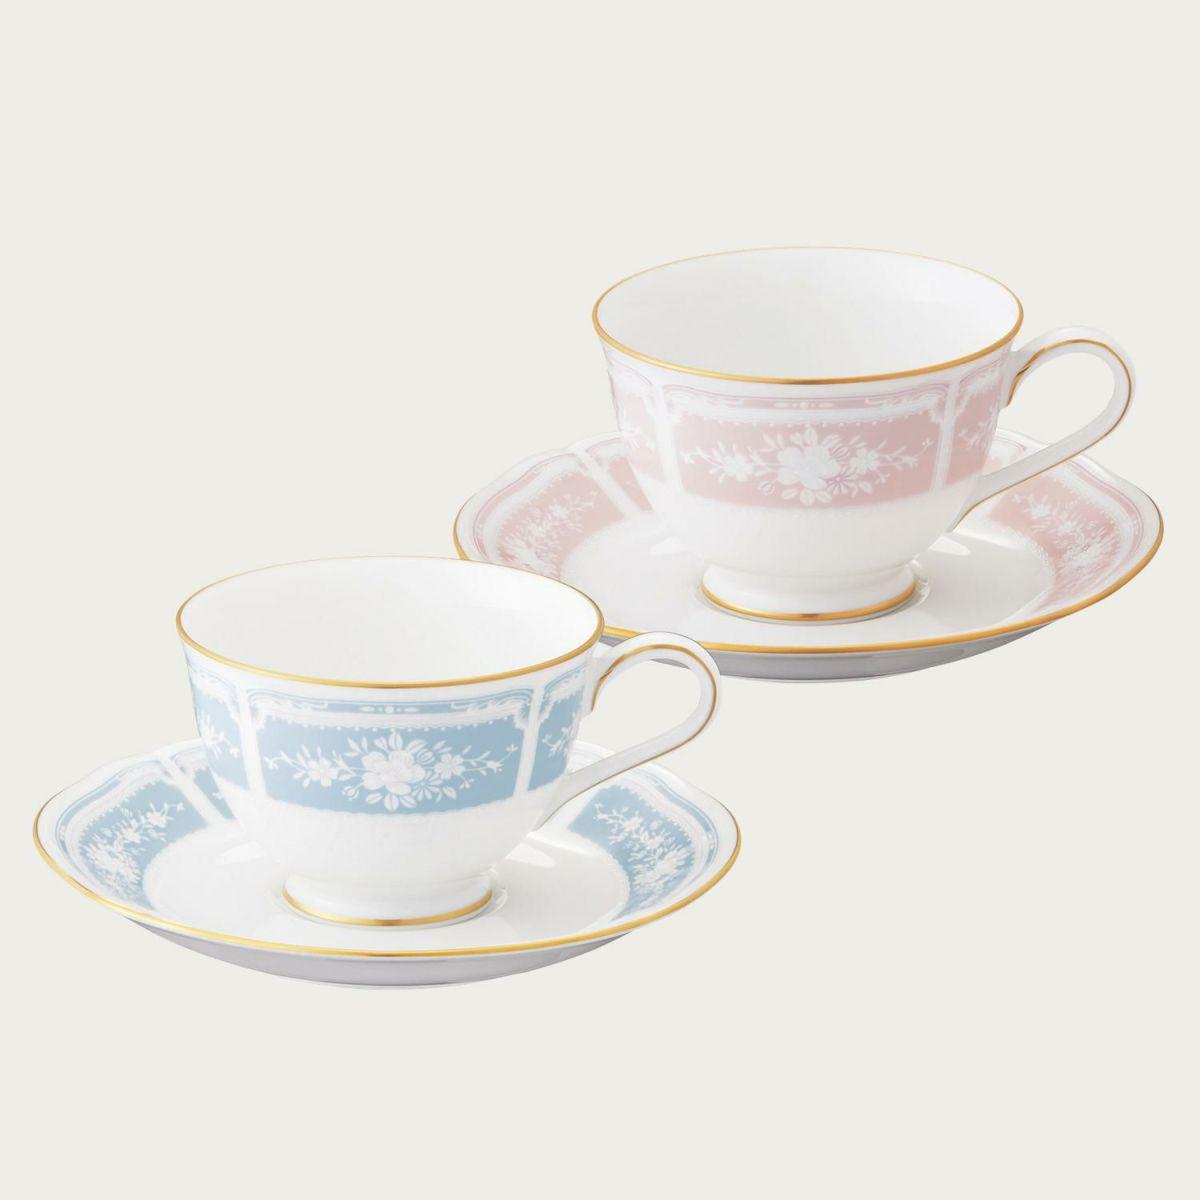 レースウッドゴールド ティー・コーヒー碗皿ペアセット(色変り) [1507-14L/Y6578A]